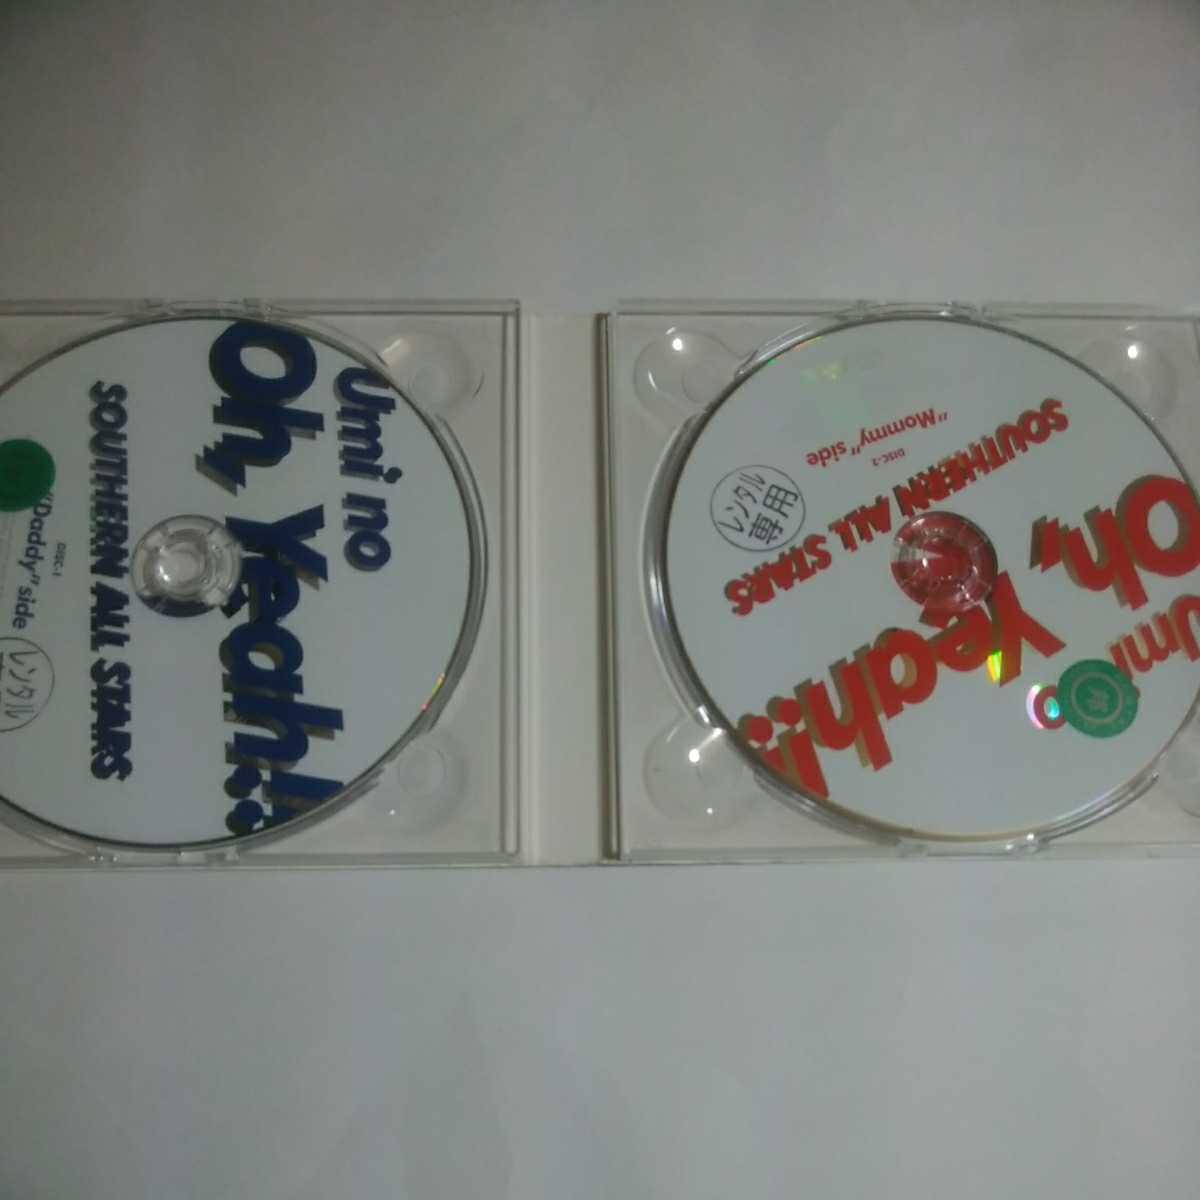 サザンオールスターズ 海の Oh,YEAH 完全生産限定盤 アルバム CD 2枚組 即決価格 33曲収録 サザン_画像2